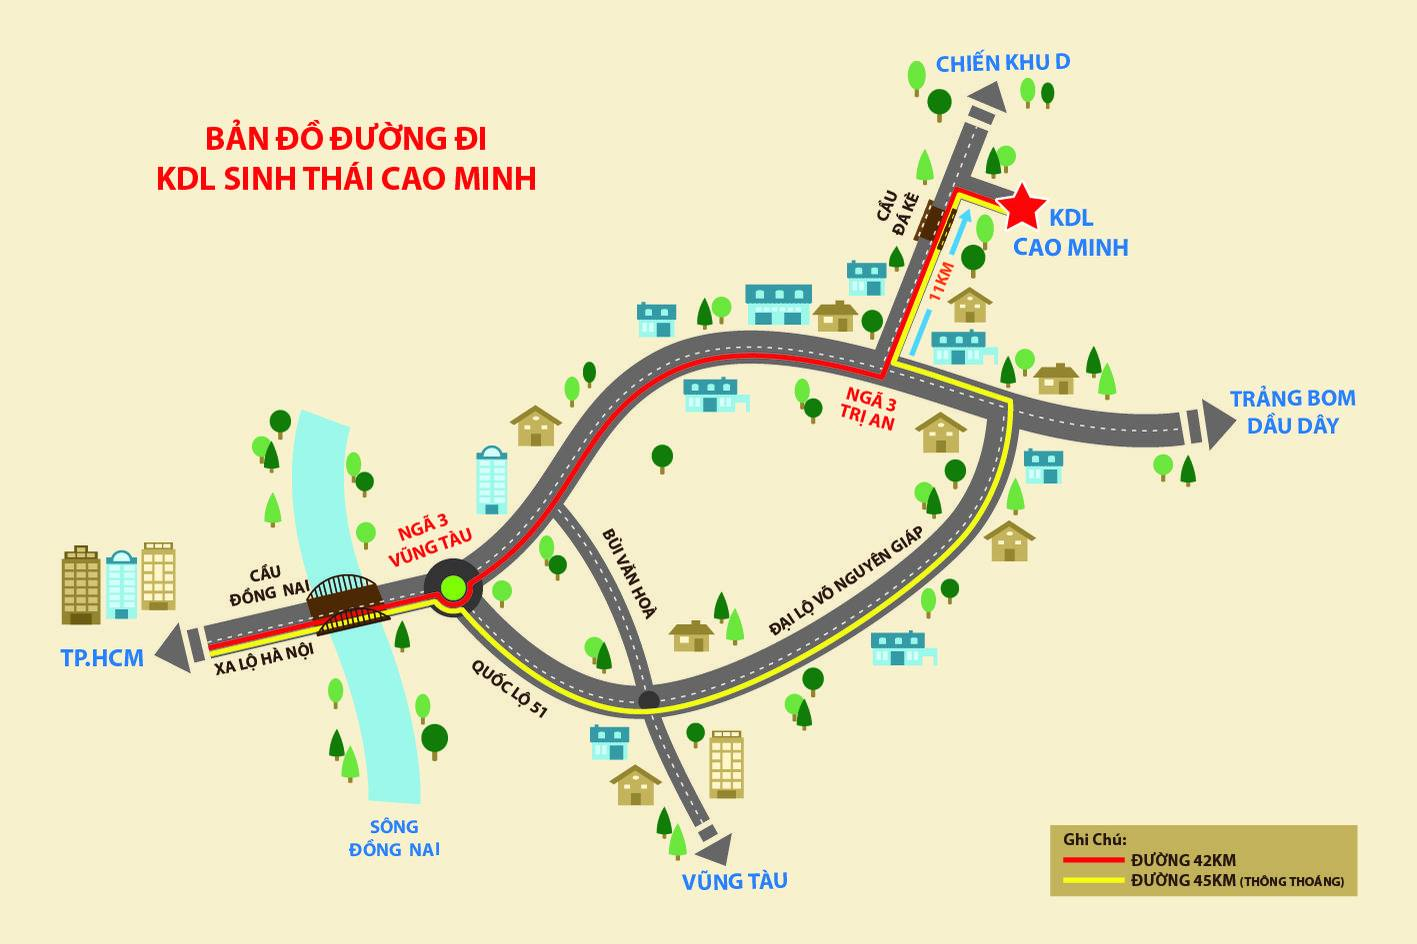 Bản đồ hướng dẫn di chuyển đến KDL Cao Minh